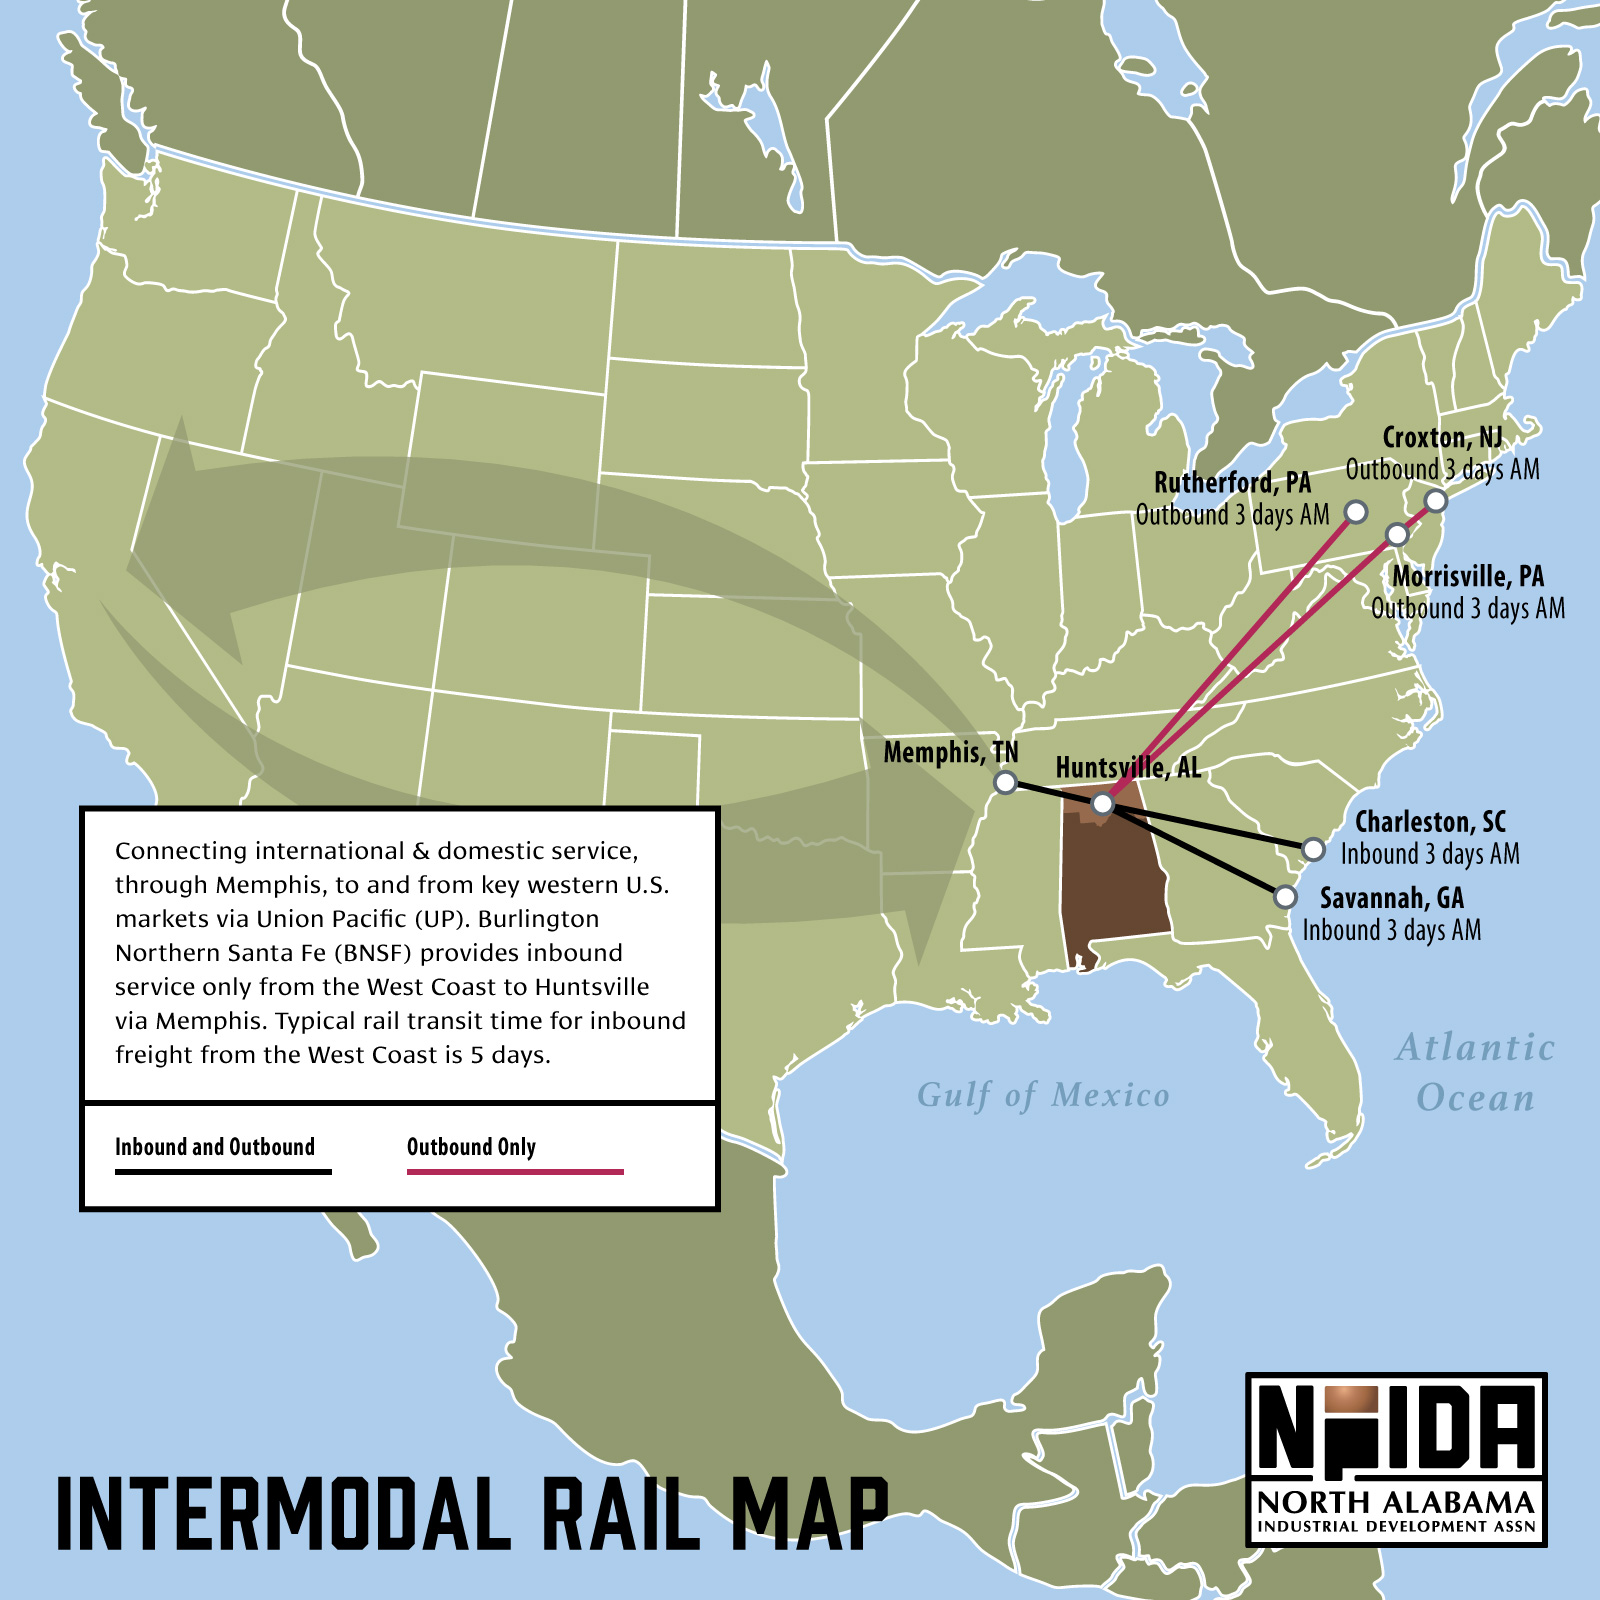 Intermodal Rail Map